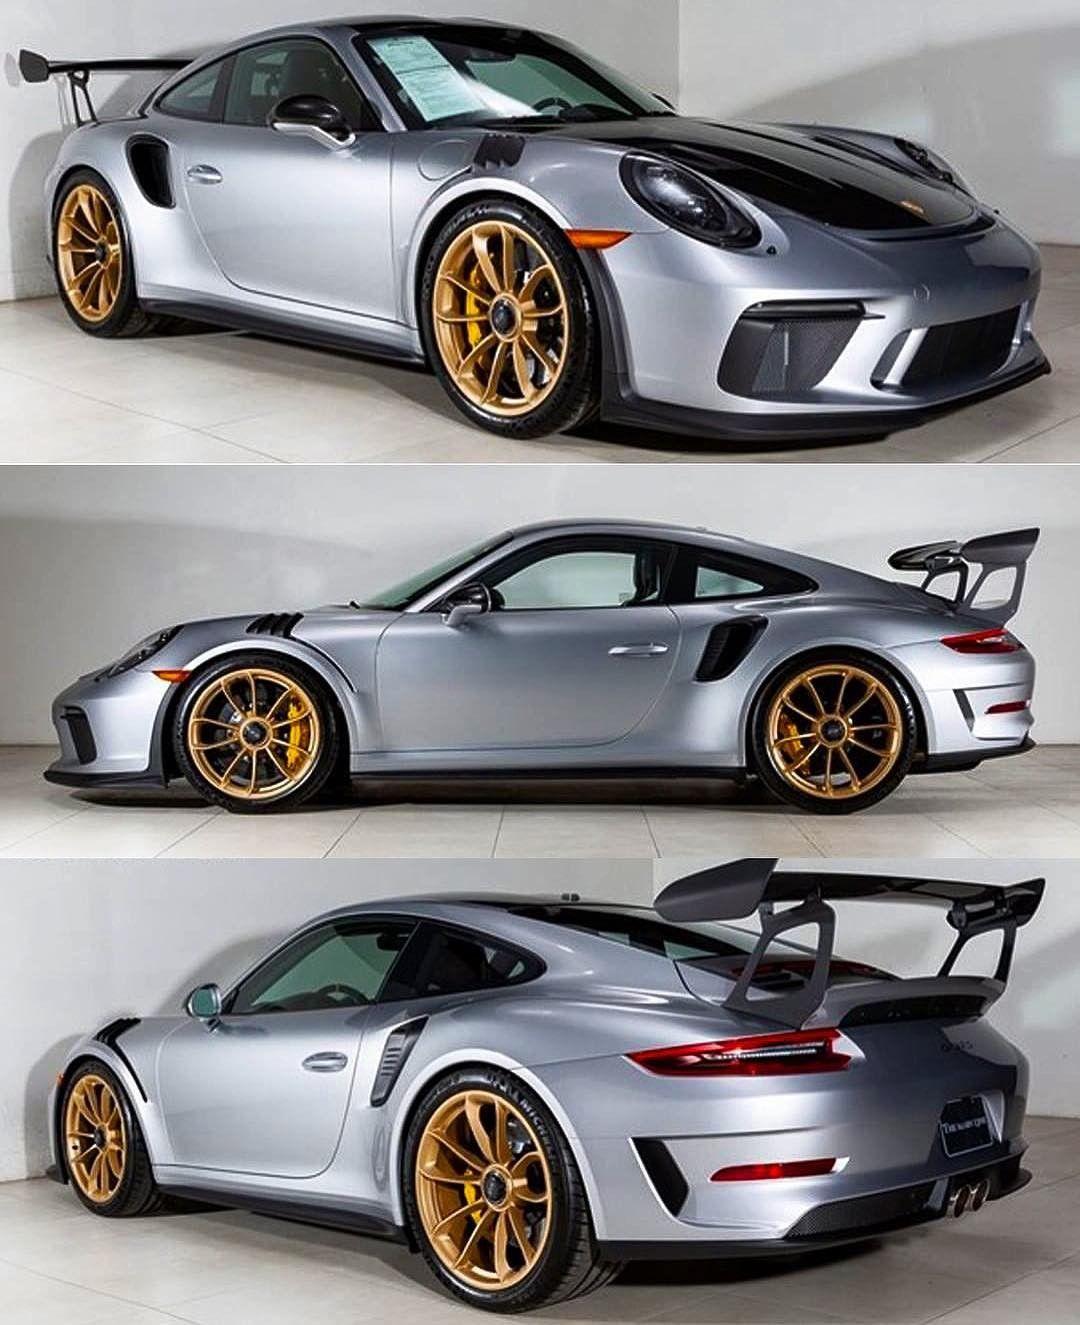 Pin By Vaso On Porsche Nineeleven Porsche Gtr Porsche Porsche Gt